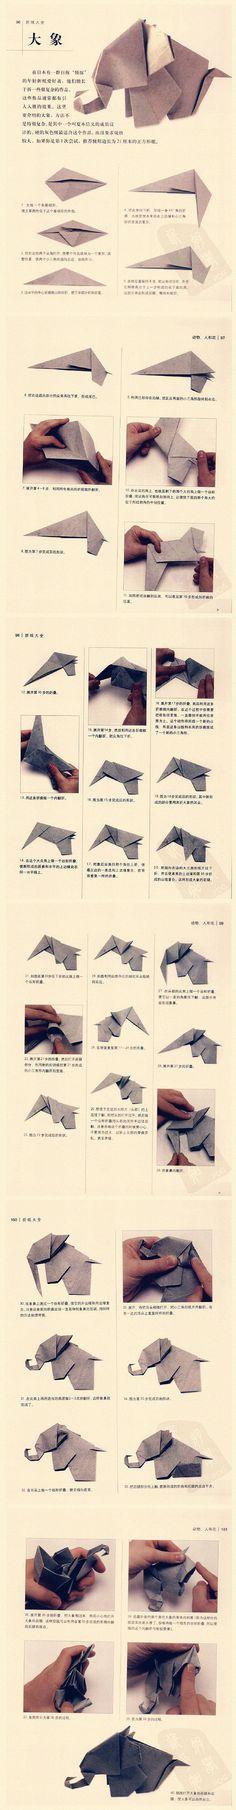 Origami elephant photo instructions.